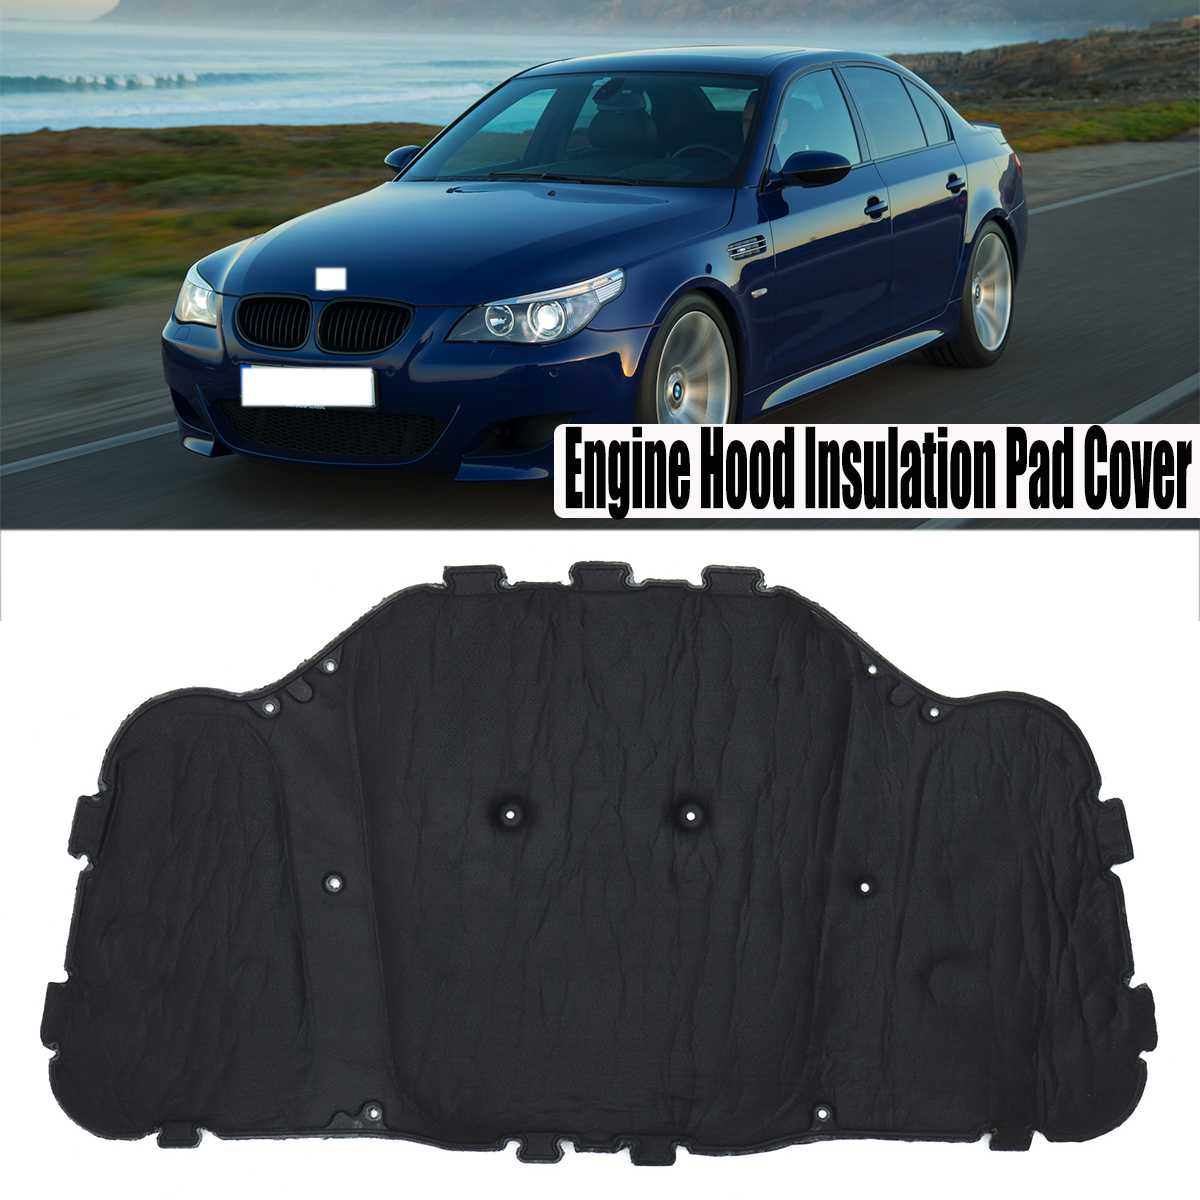 Réduction du bruit coussin d'isolation voiture stéréo bruit isolation thermique insonorisé tapis de protection pour BMW E60 E61 525i 528i 530i